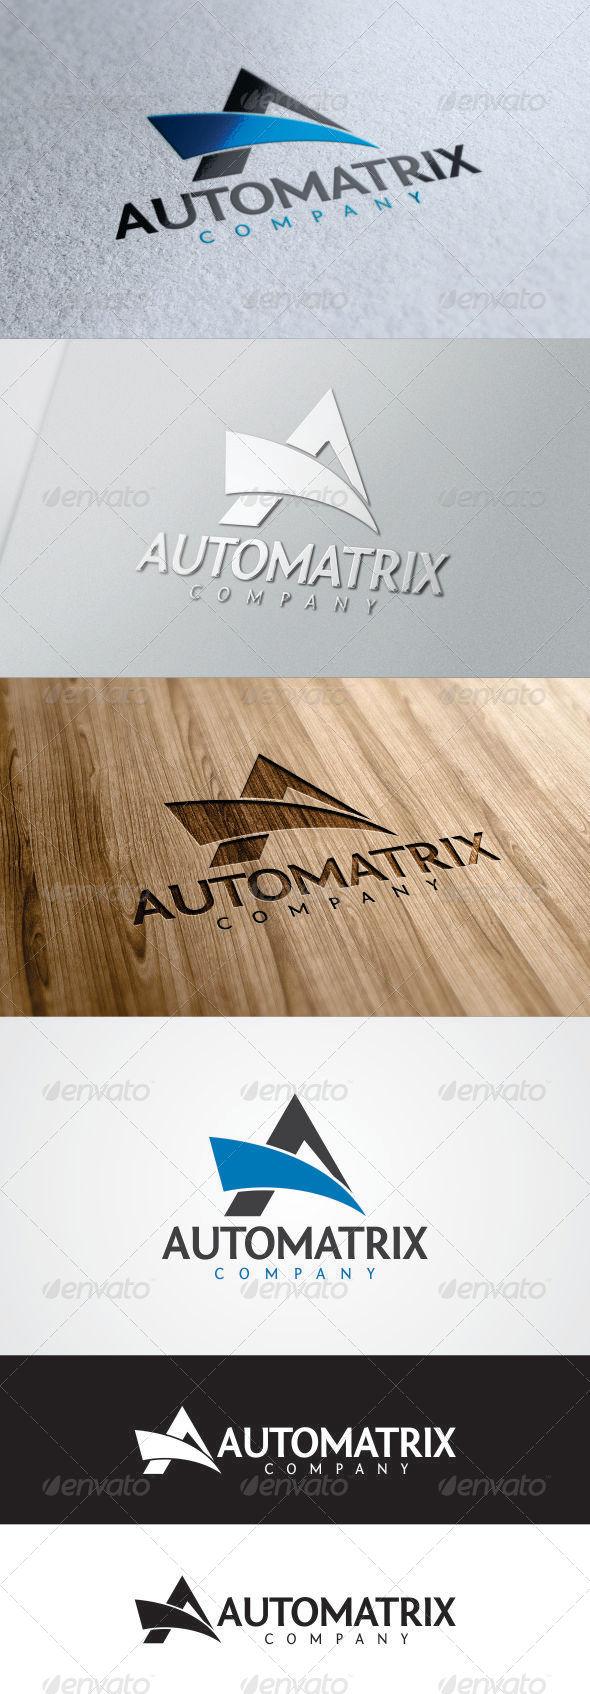 automatrix-company